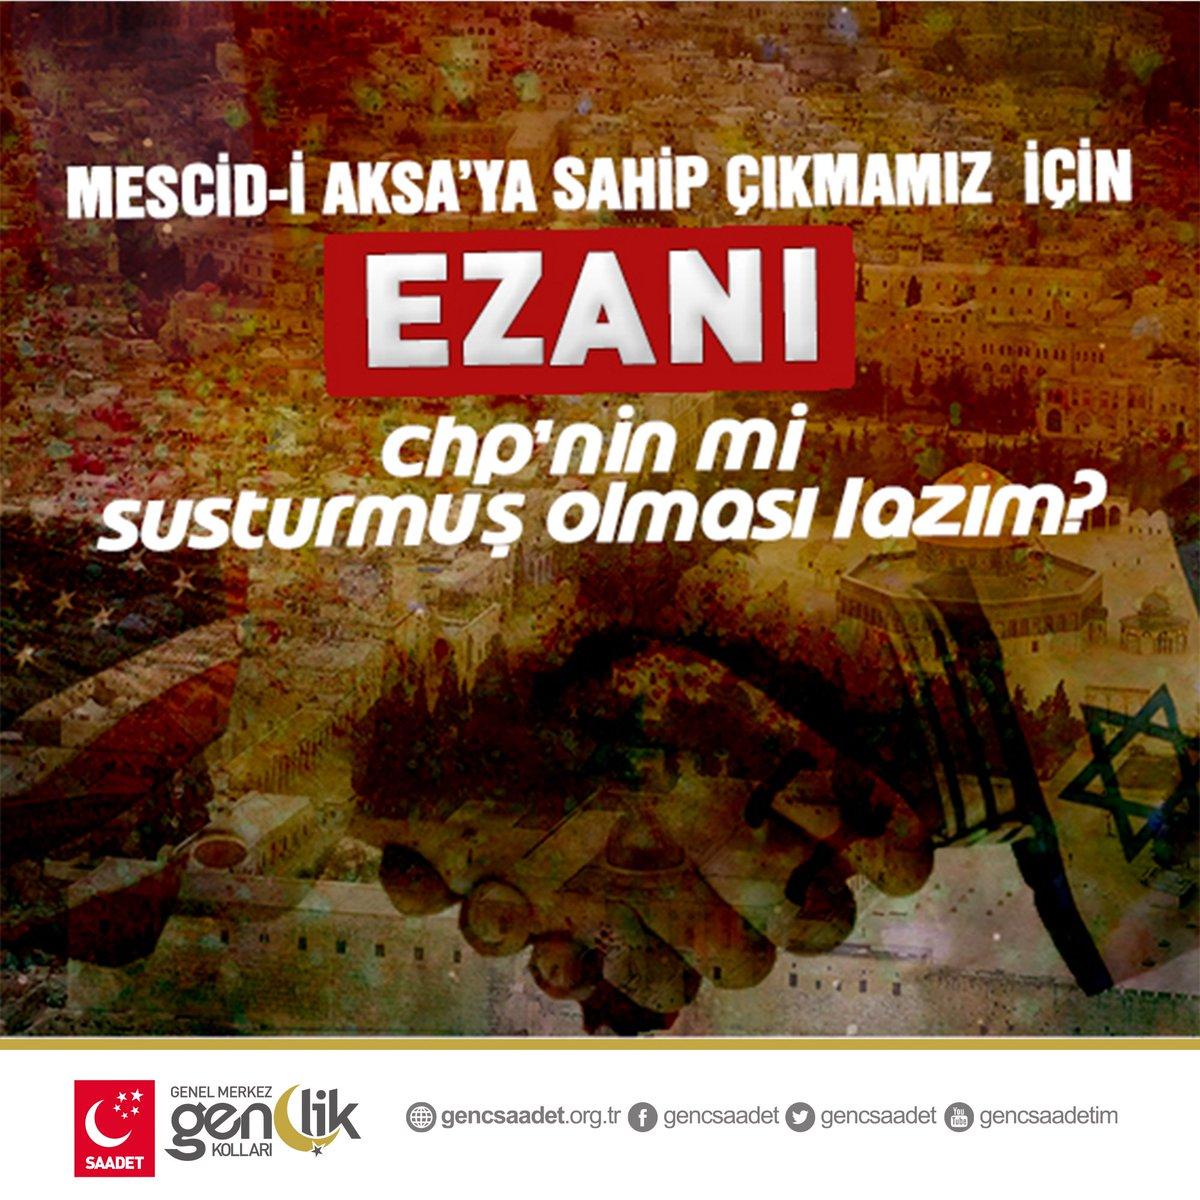 Mescid-i Aksa'ya sahip çıkmamız için ezanı CHP'nin mi susturmuş olması...